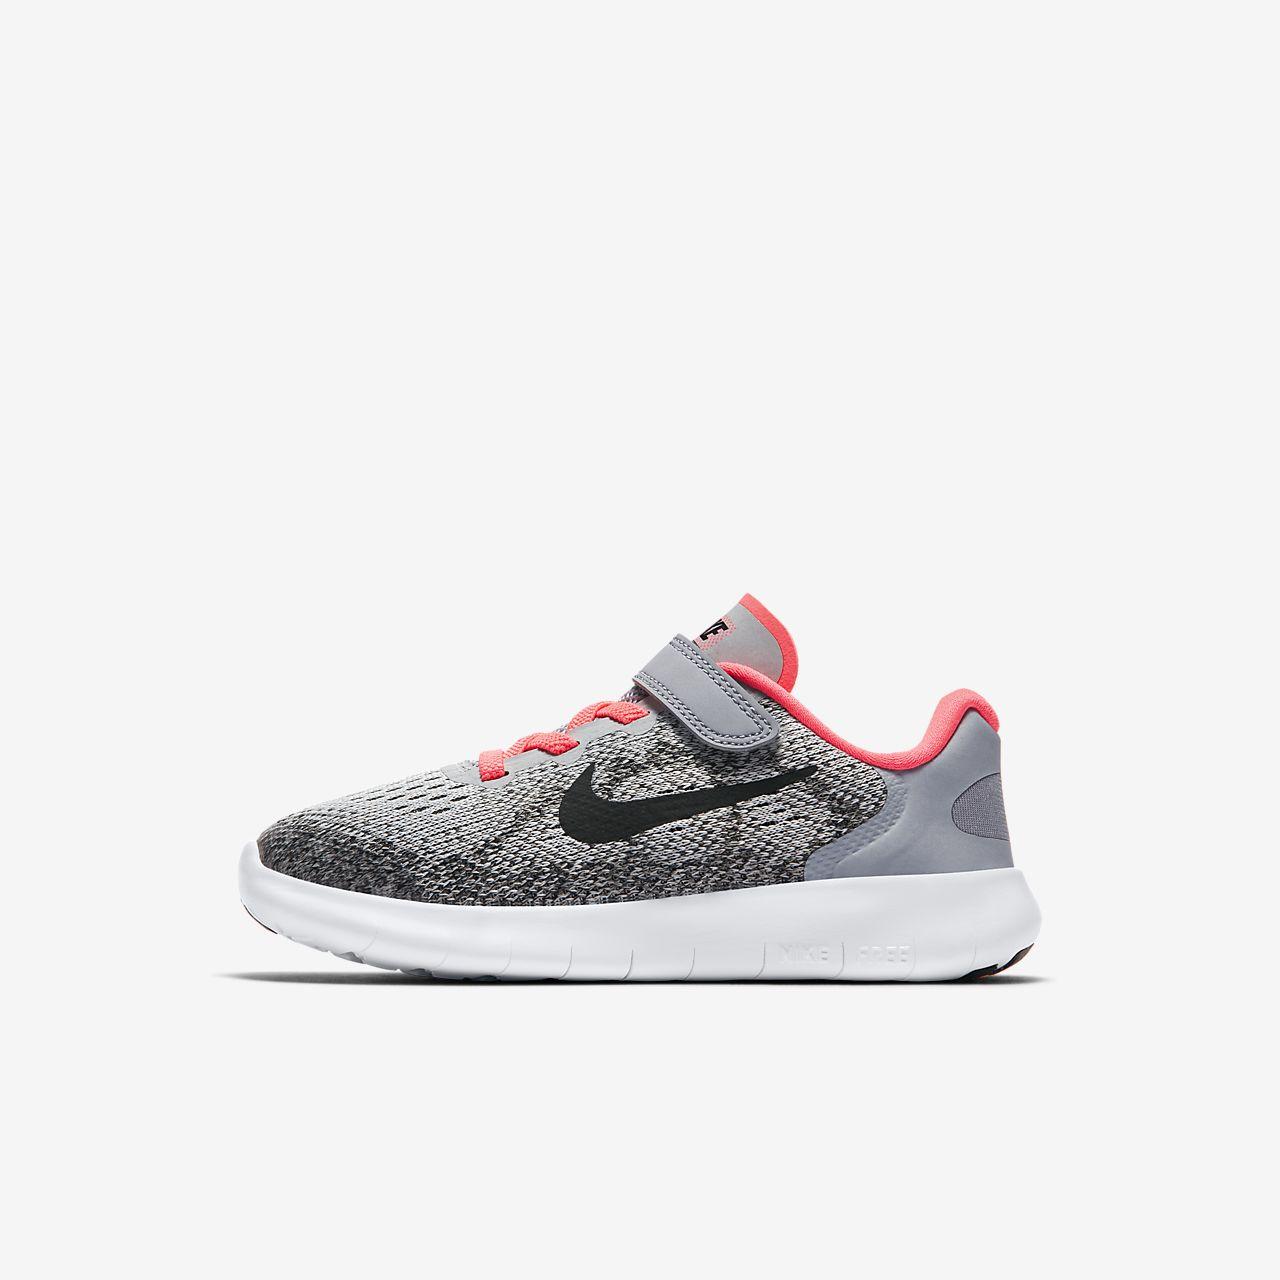 ... Chaussure de running Nike Free RN 2017 pour Jeune enfant